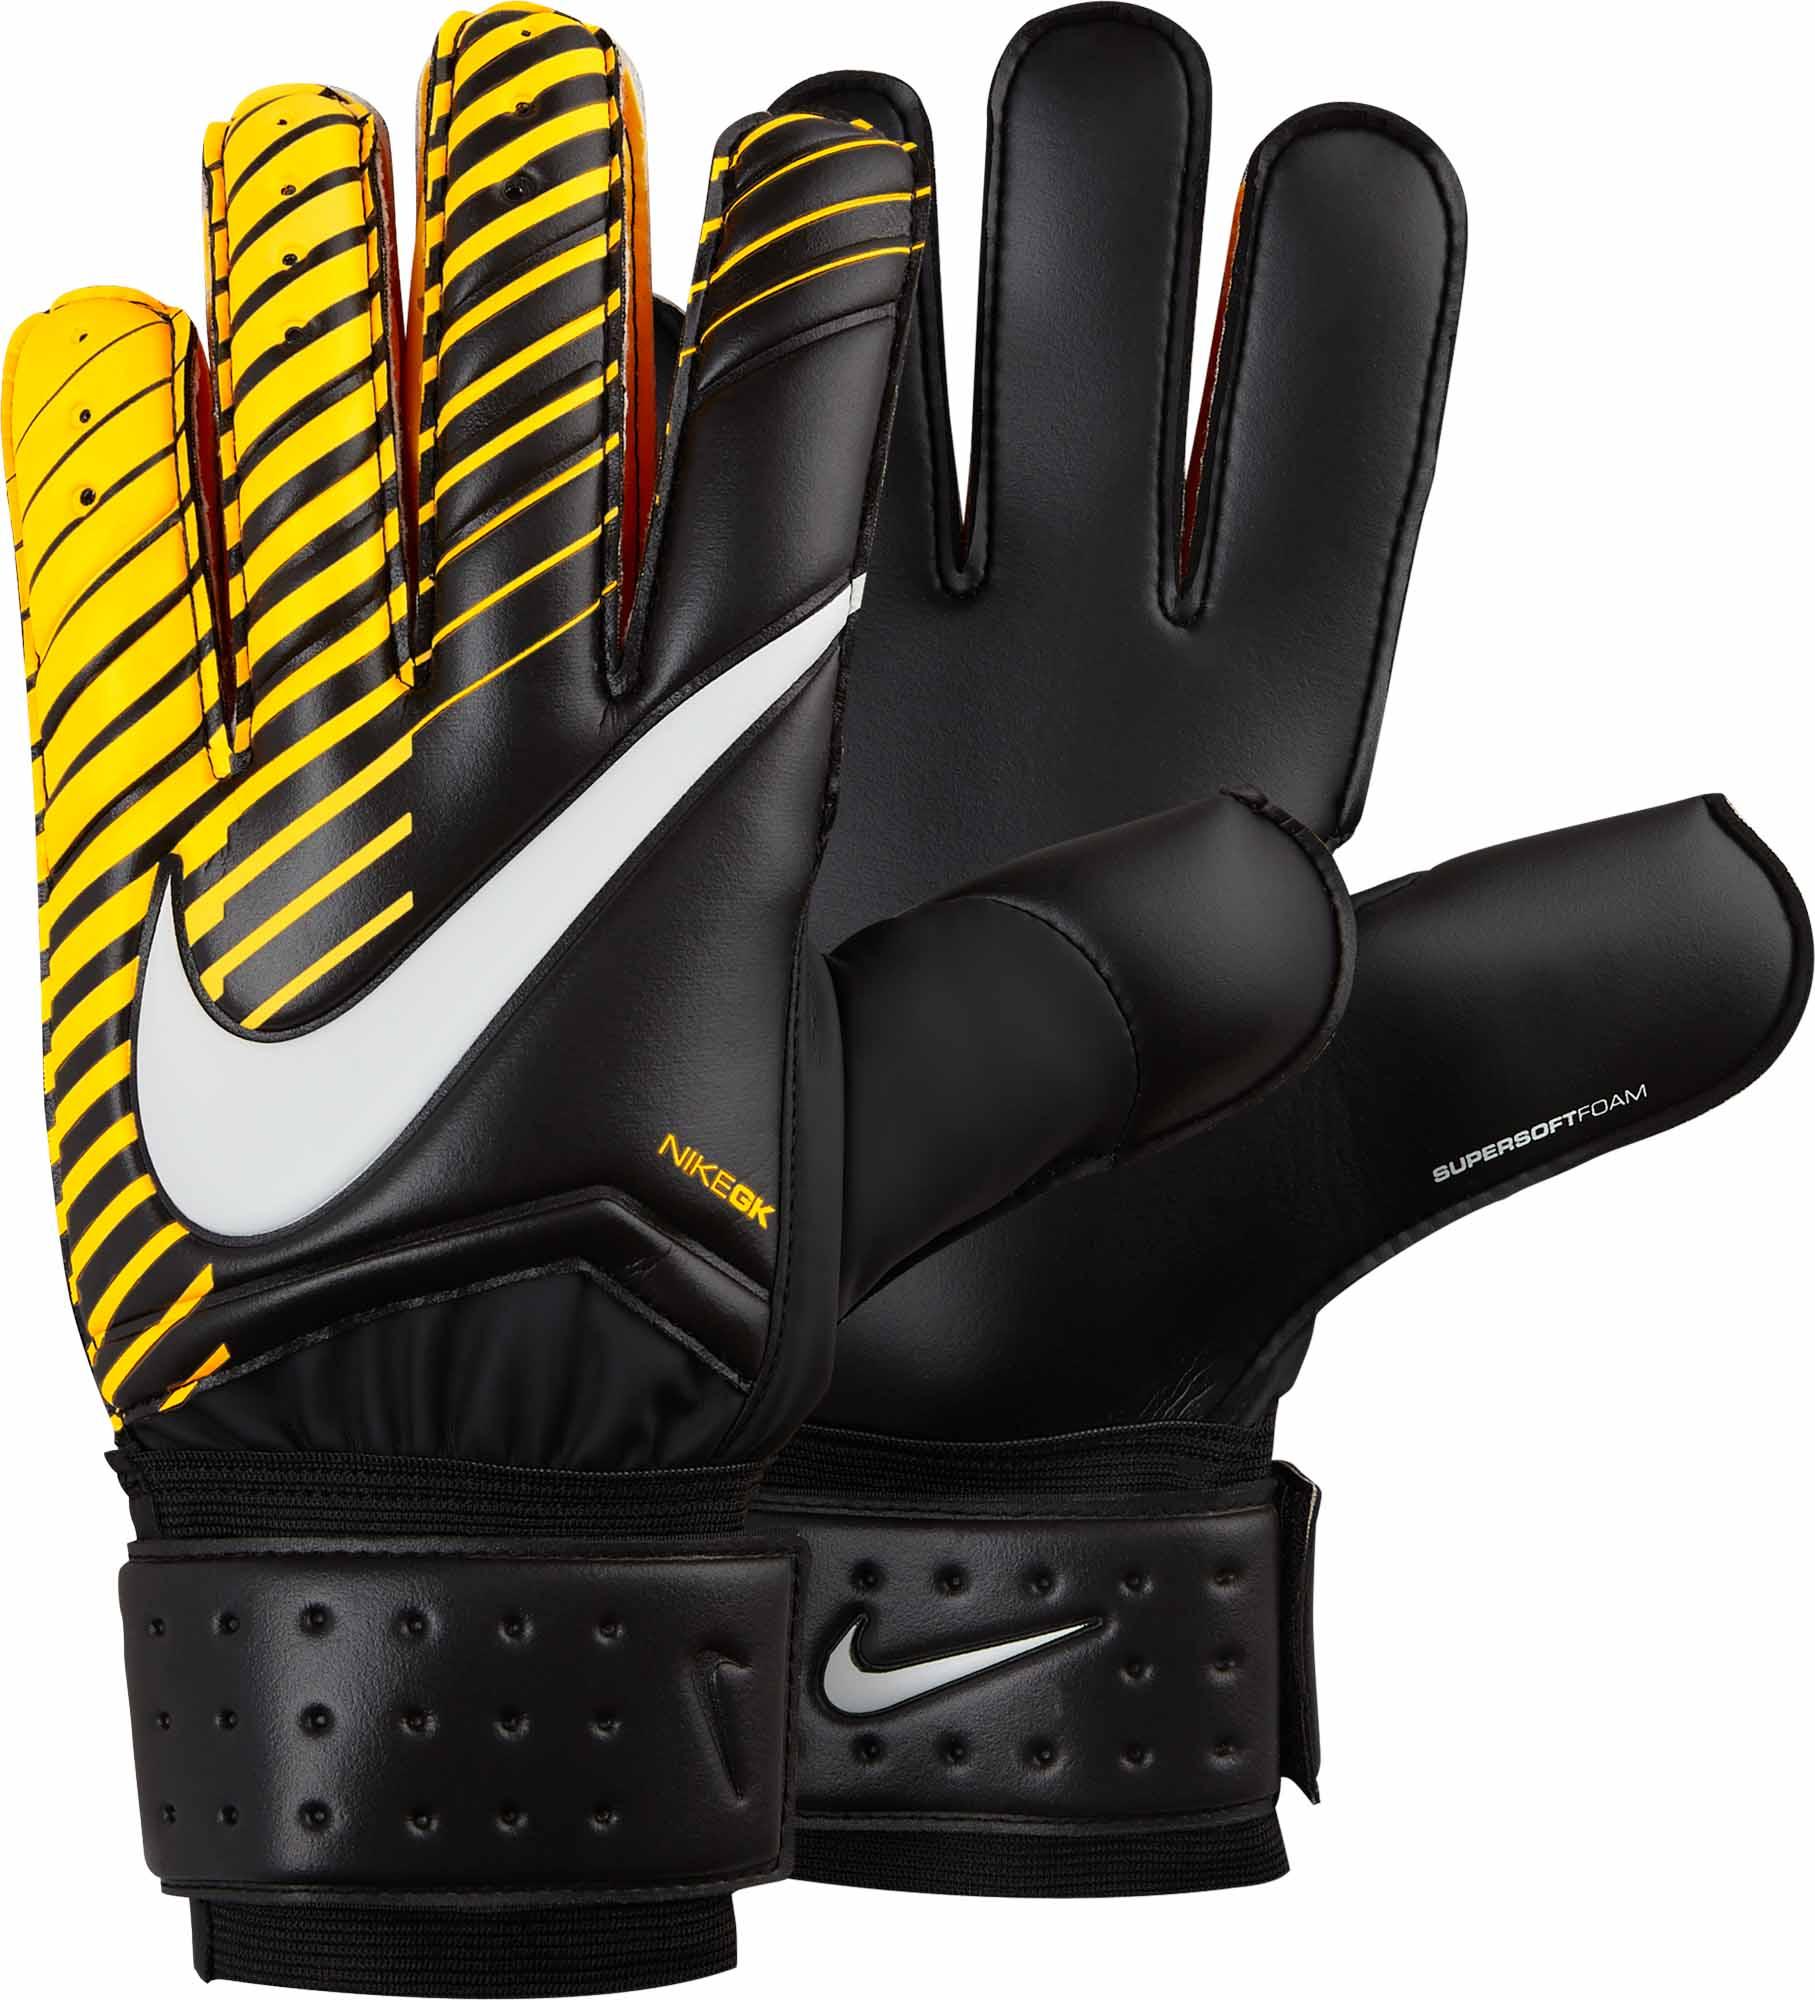 62f26c11f8d Nike Spyne Pro Goalkeeper Gloves – Black Laser Orange